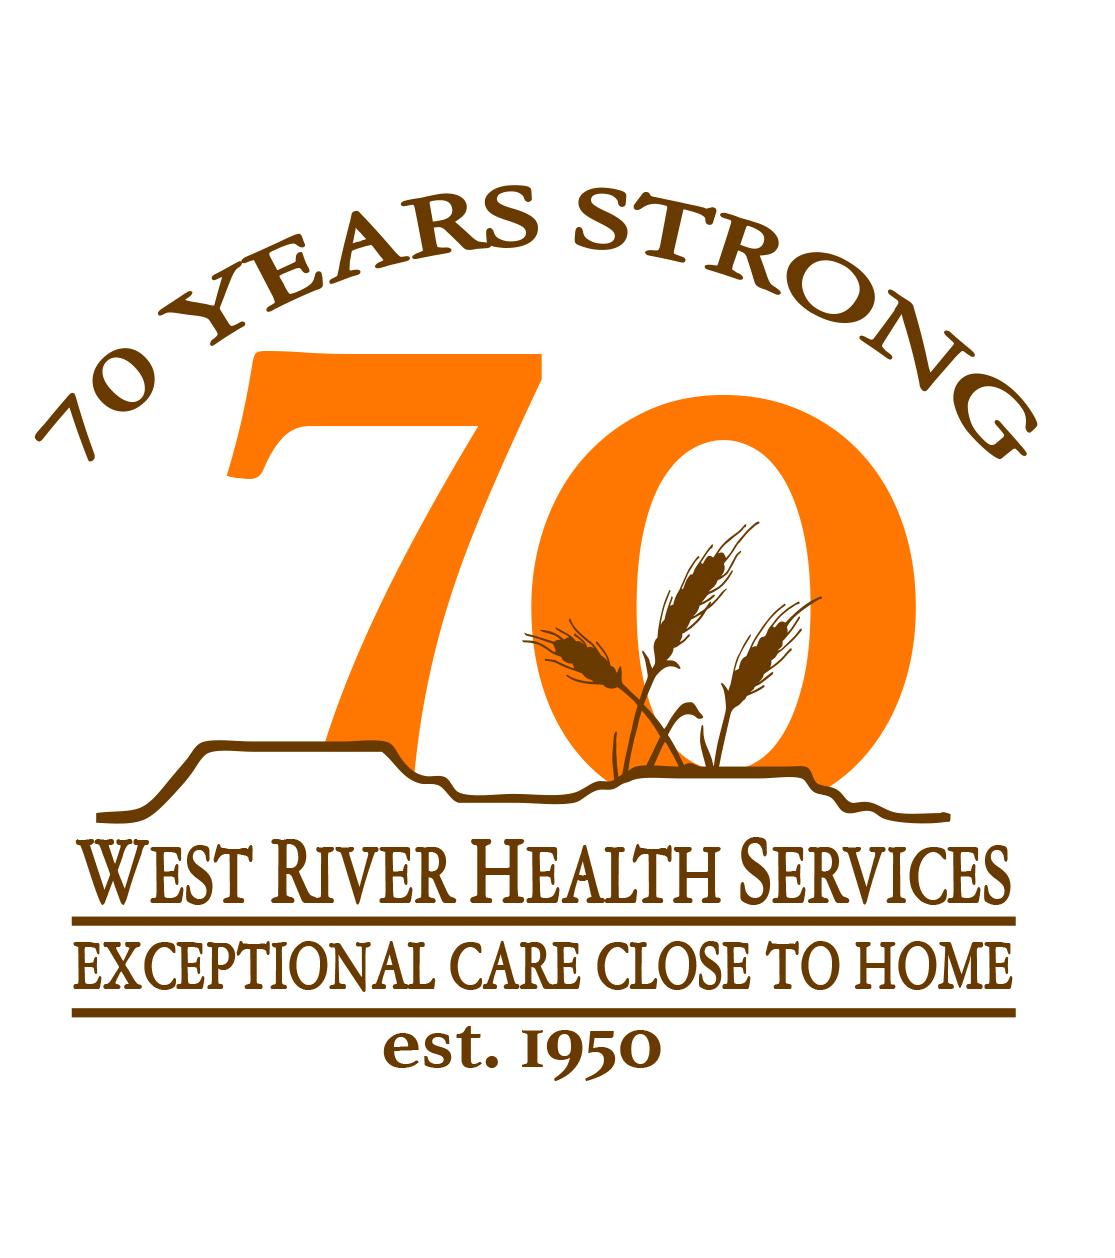 https://www.visionbanks.com/wp-content/uploads/West-River-Health-Services-Foundation.jpg